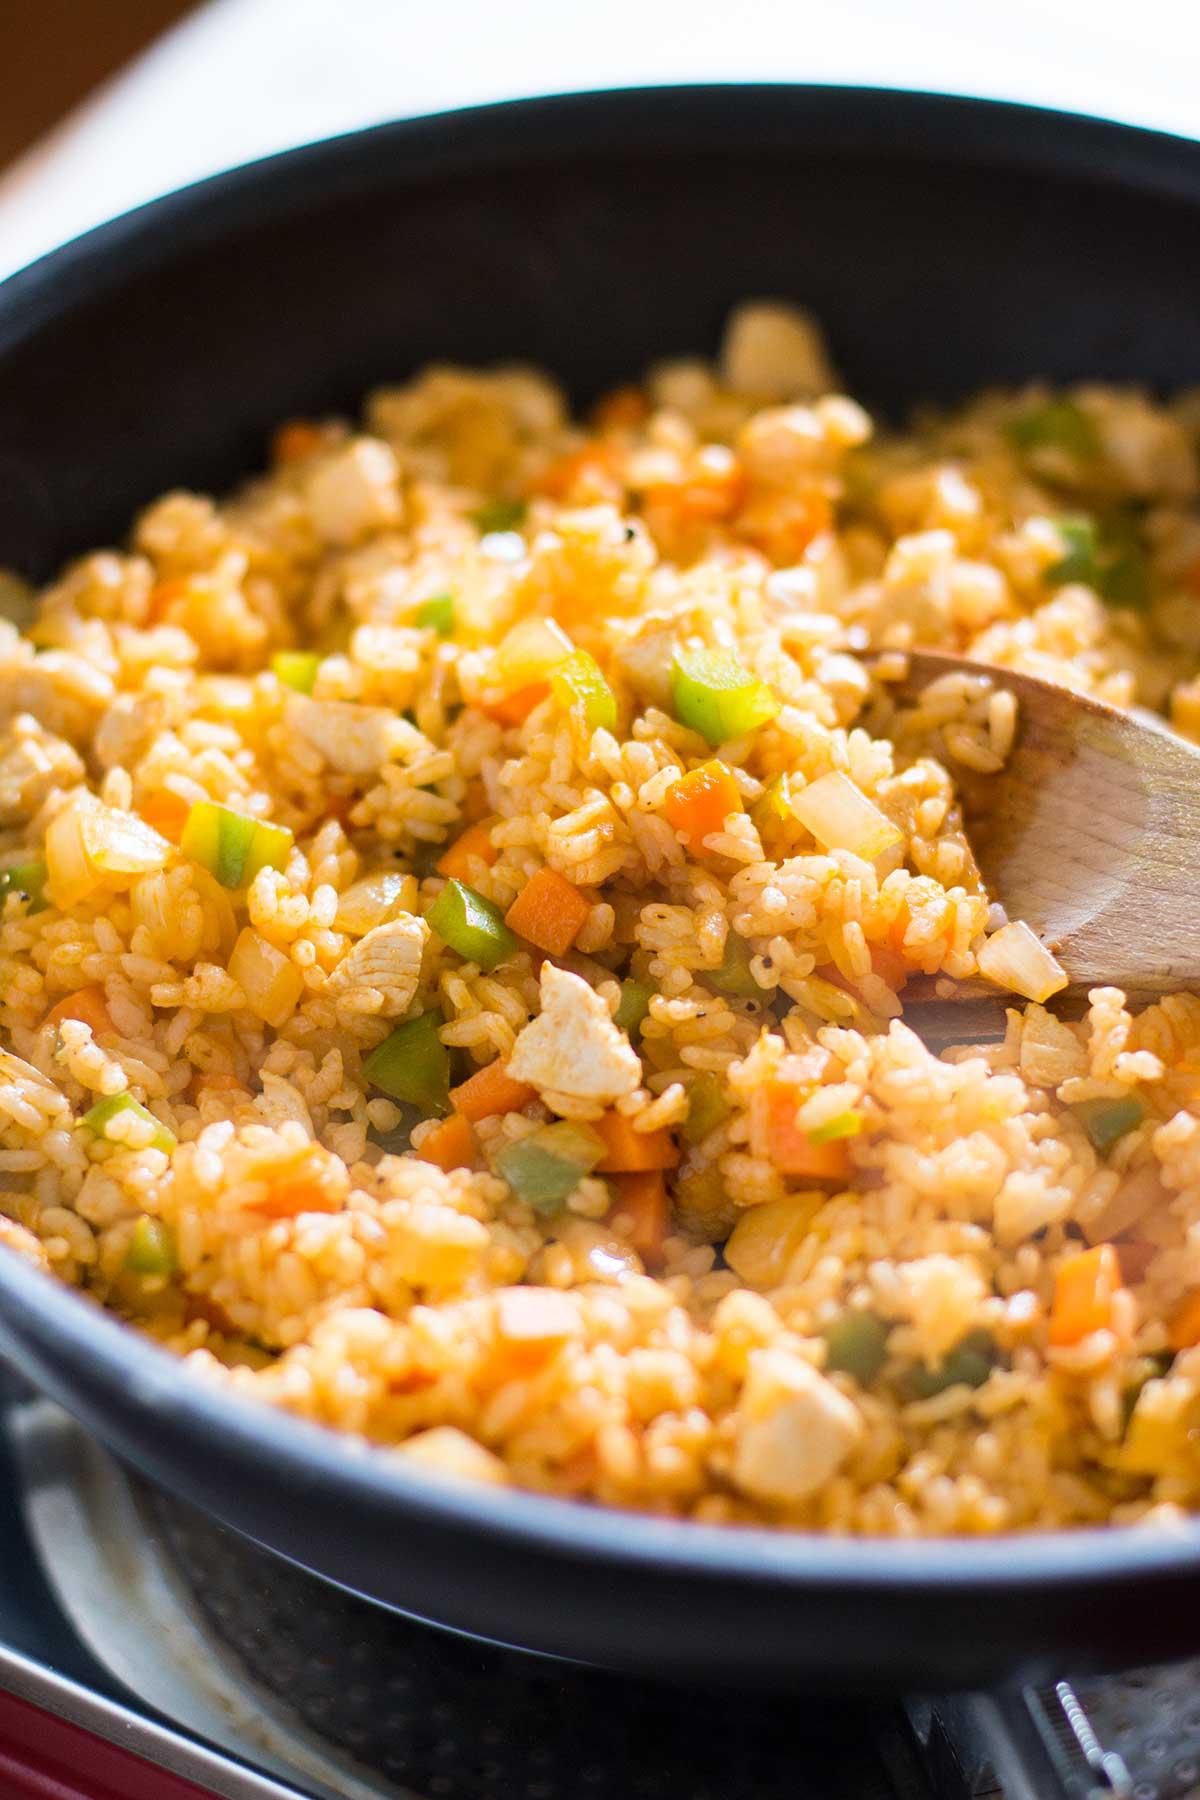 omurice Japanese omelette rice